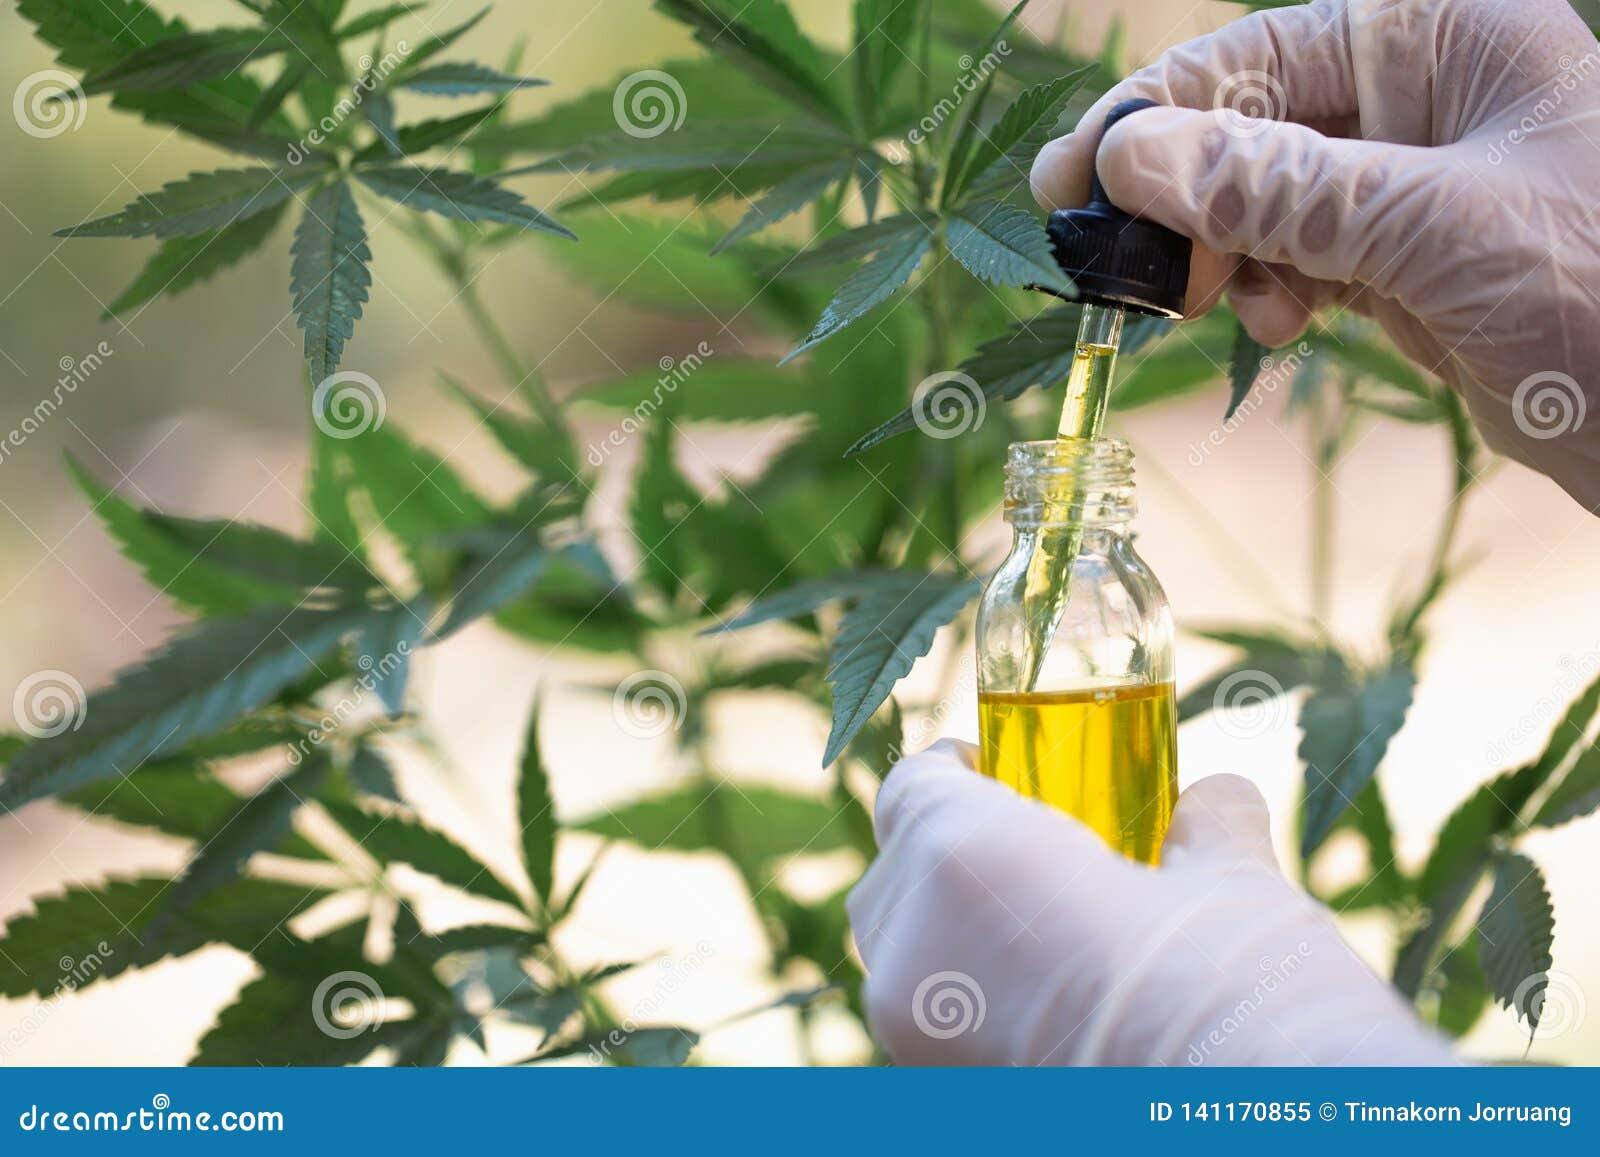 Óleo de cânhamo, produtos médicos da marijuana que incluem a folha do cannabis, cbd e óleo da mistura, medicina alternativa